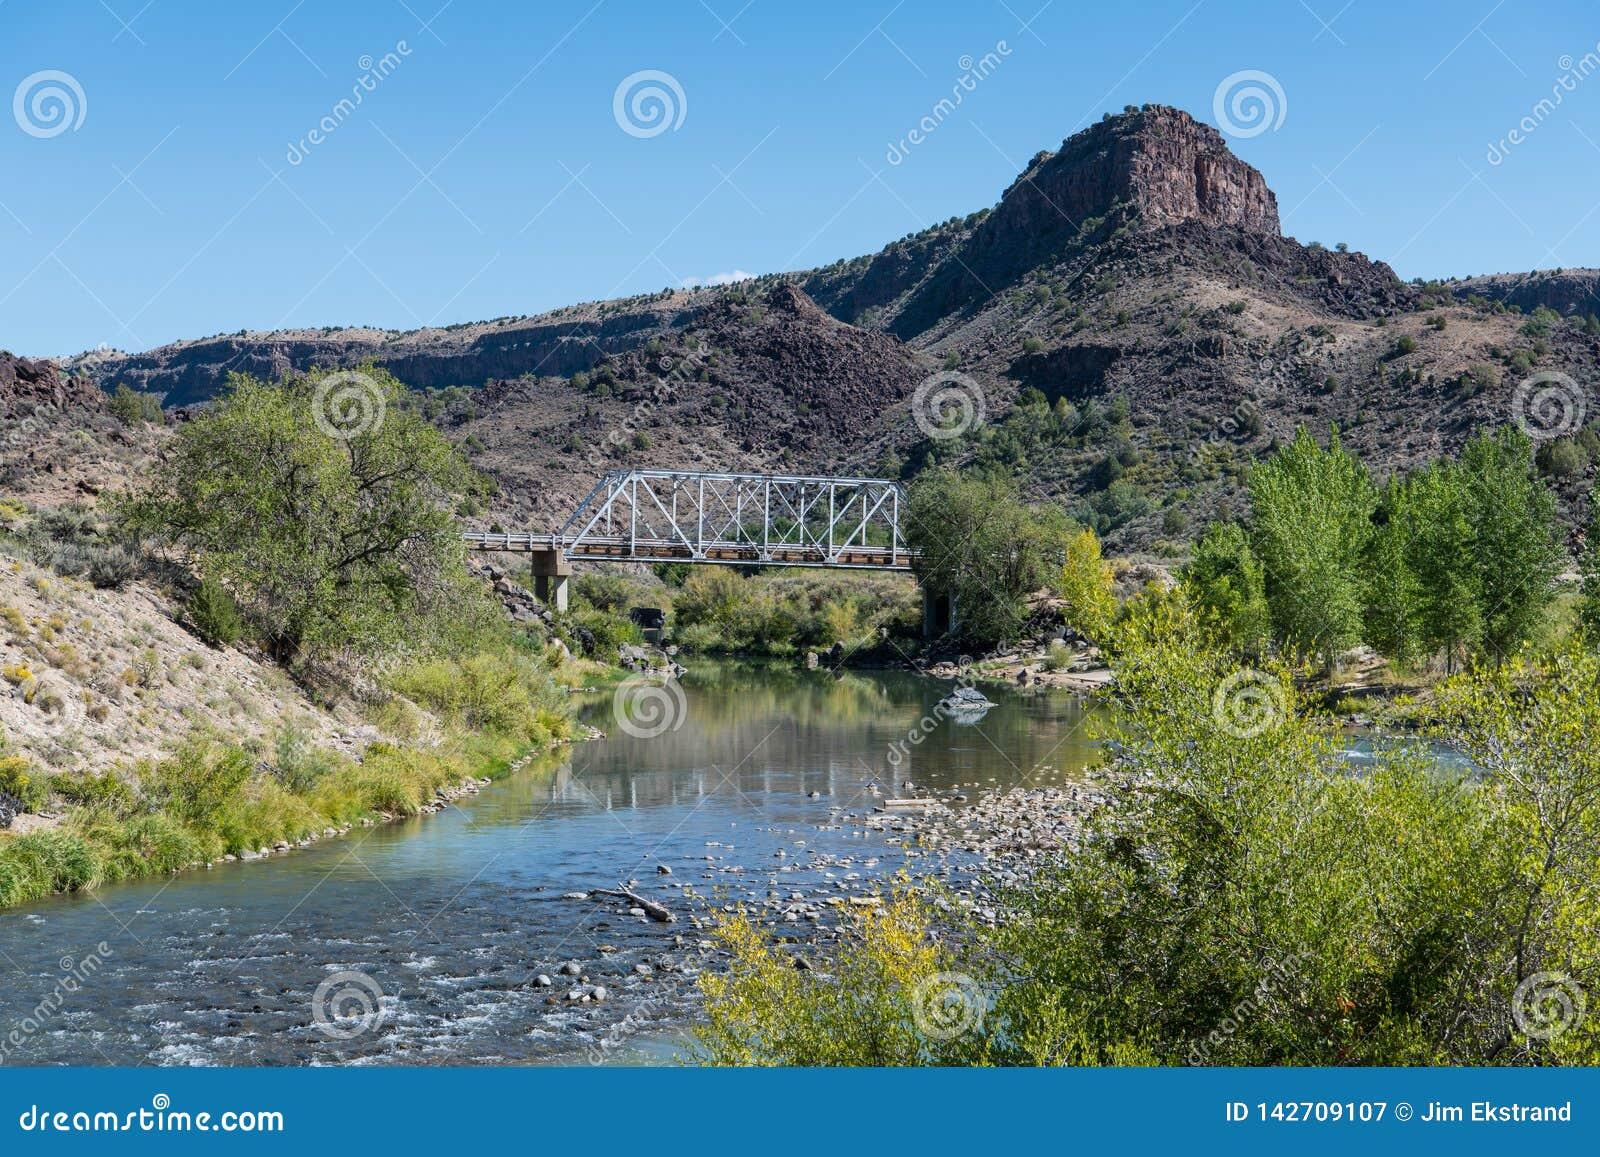 Παλαιά γέφυρα χάλυβα που διασχίζει τον ποταμό του Rio Grande κοντά σε Taos, Νέο Μεξικό